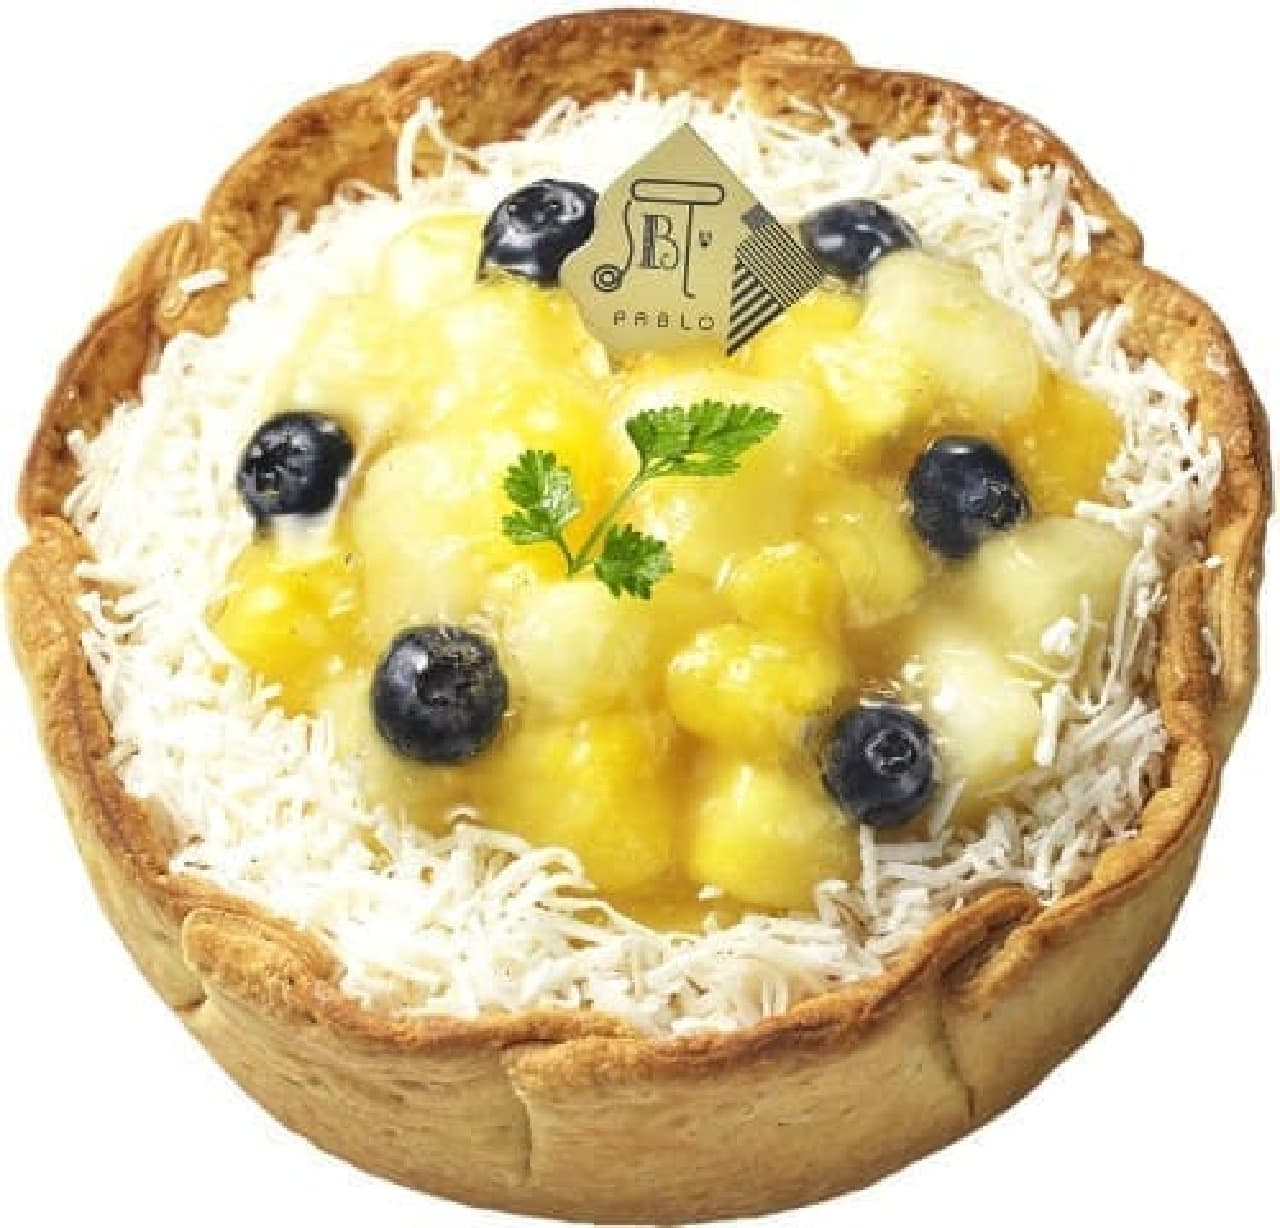 PABLO(パブロ)「ゴールデンパインとココナッツのチーズタルト」